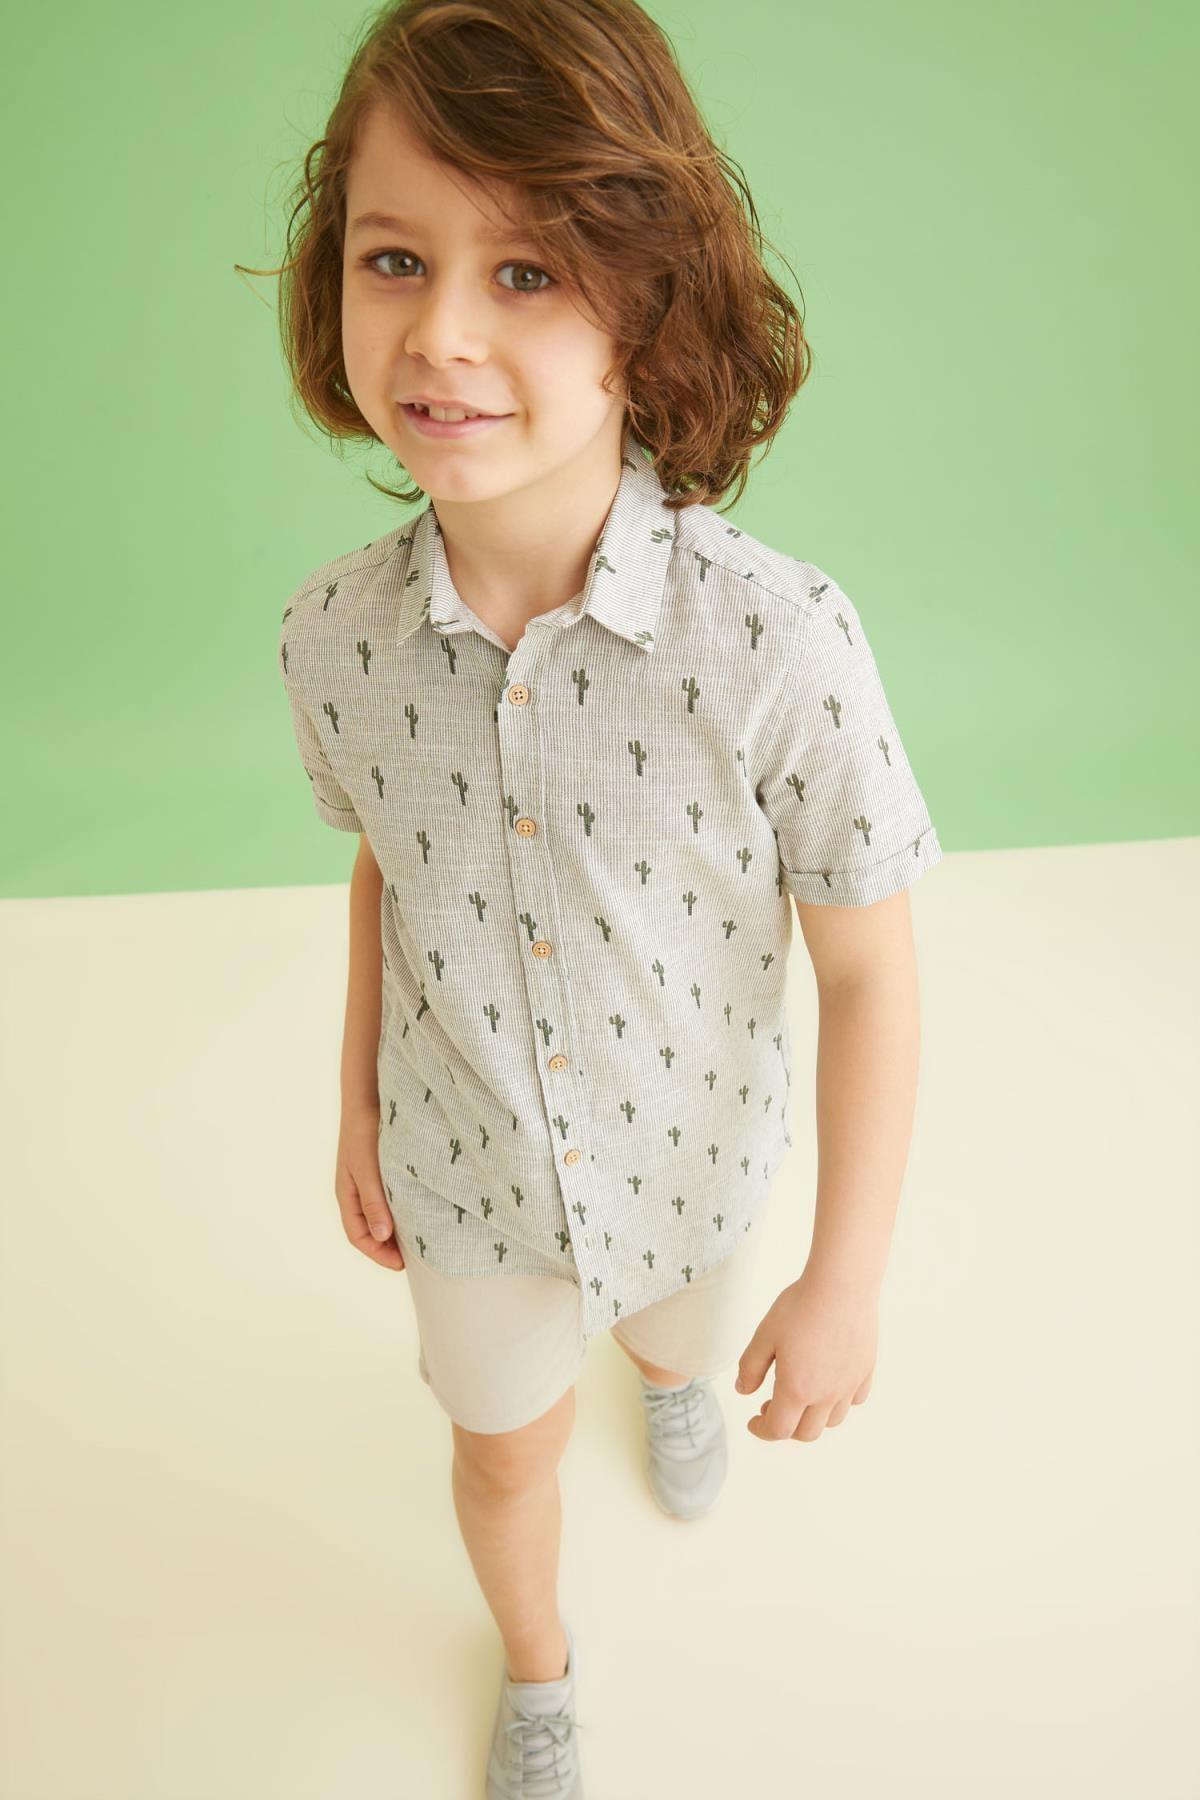 پیراهن بچه گانه قیمت برند دفاکتو ترکیه رنگ خاکی کد ty107066535